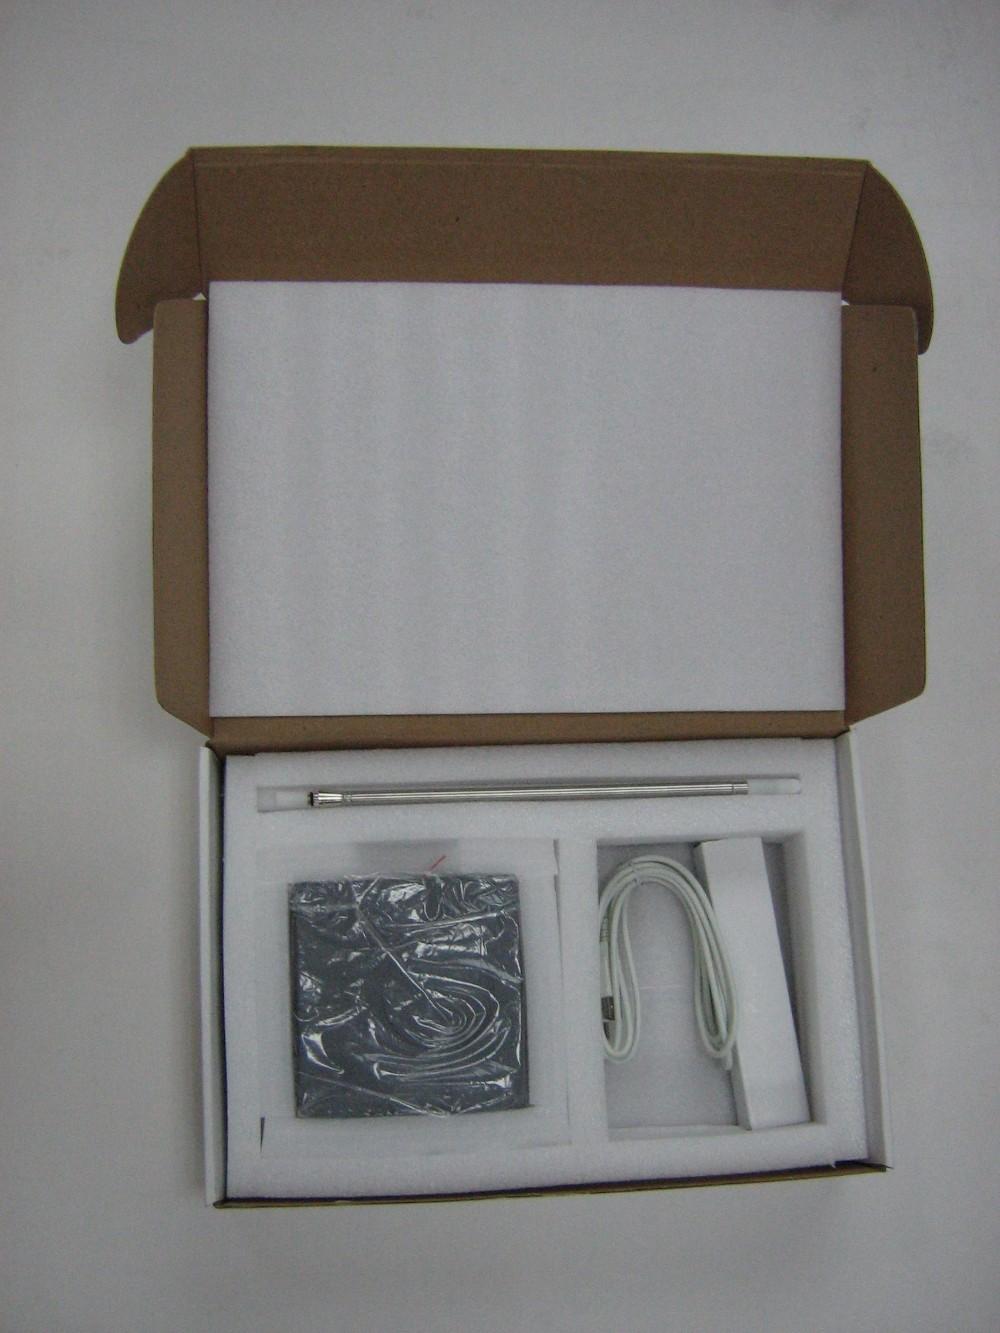 PG3100 package